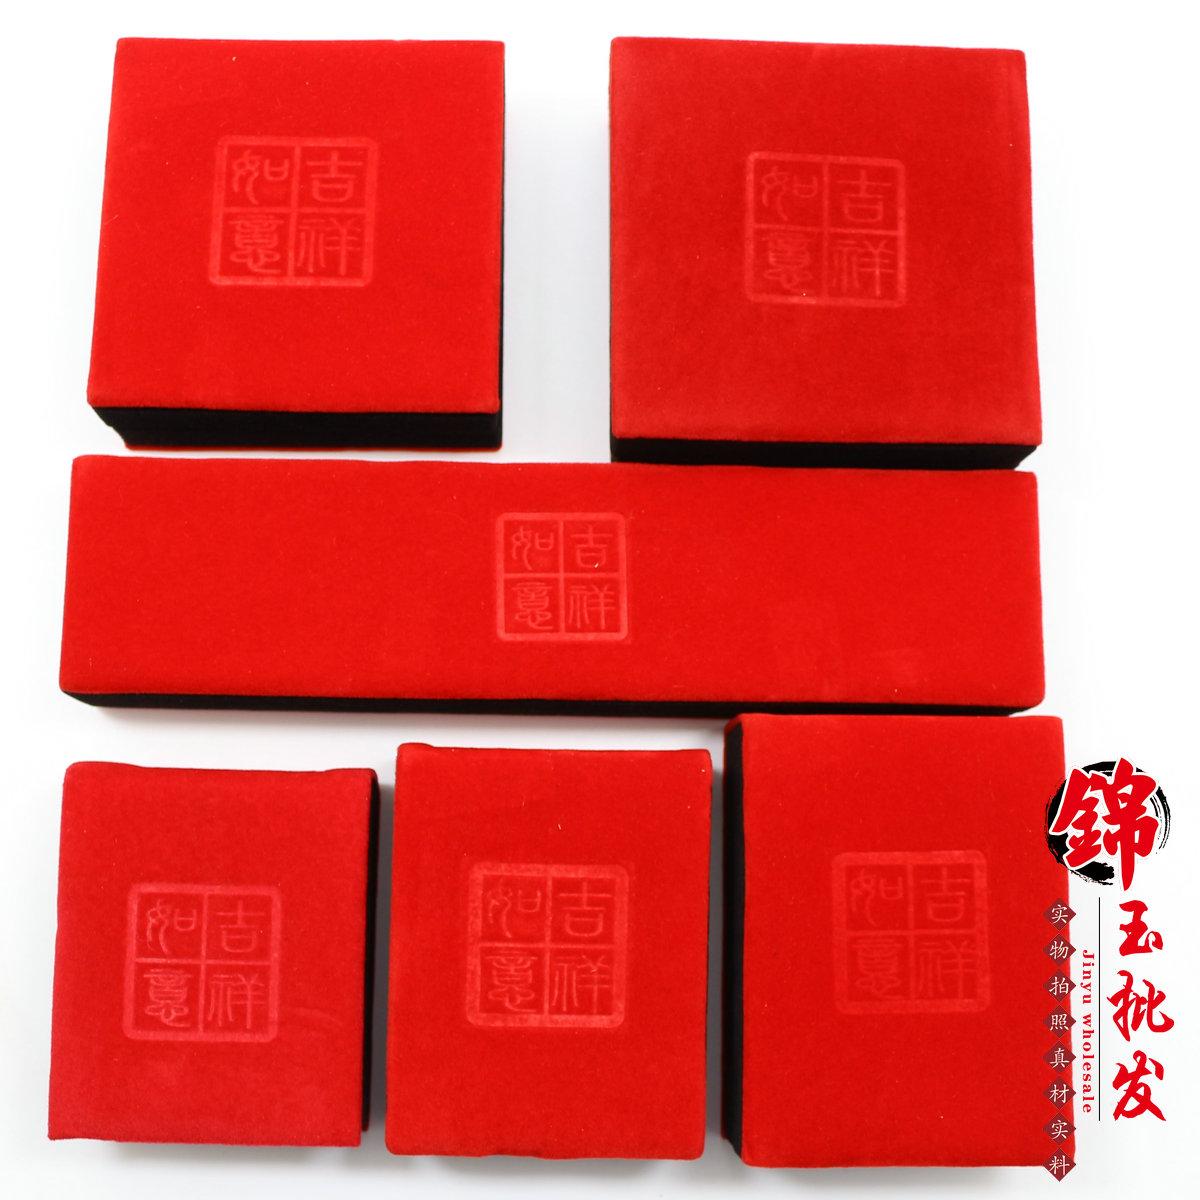 珠宝首饰品包装盒子玉器手镯手链吊坠挂件项链吉祥如意红绒布盒子